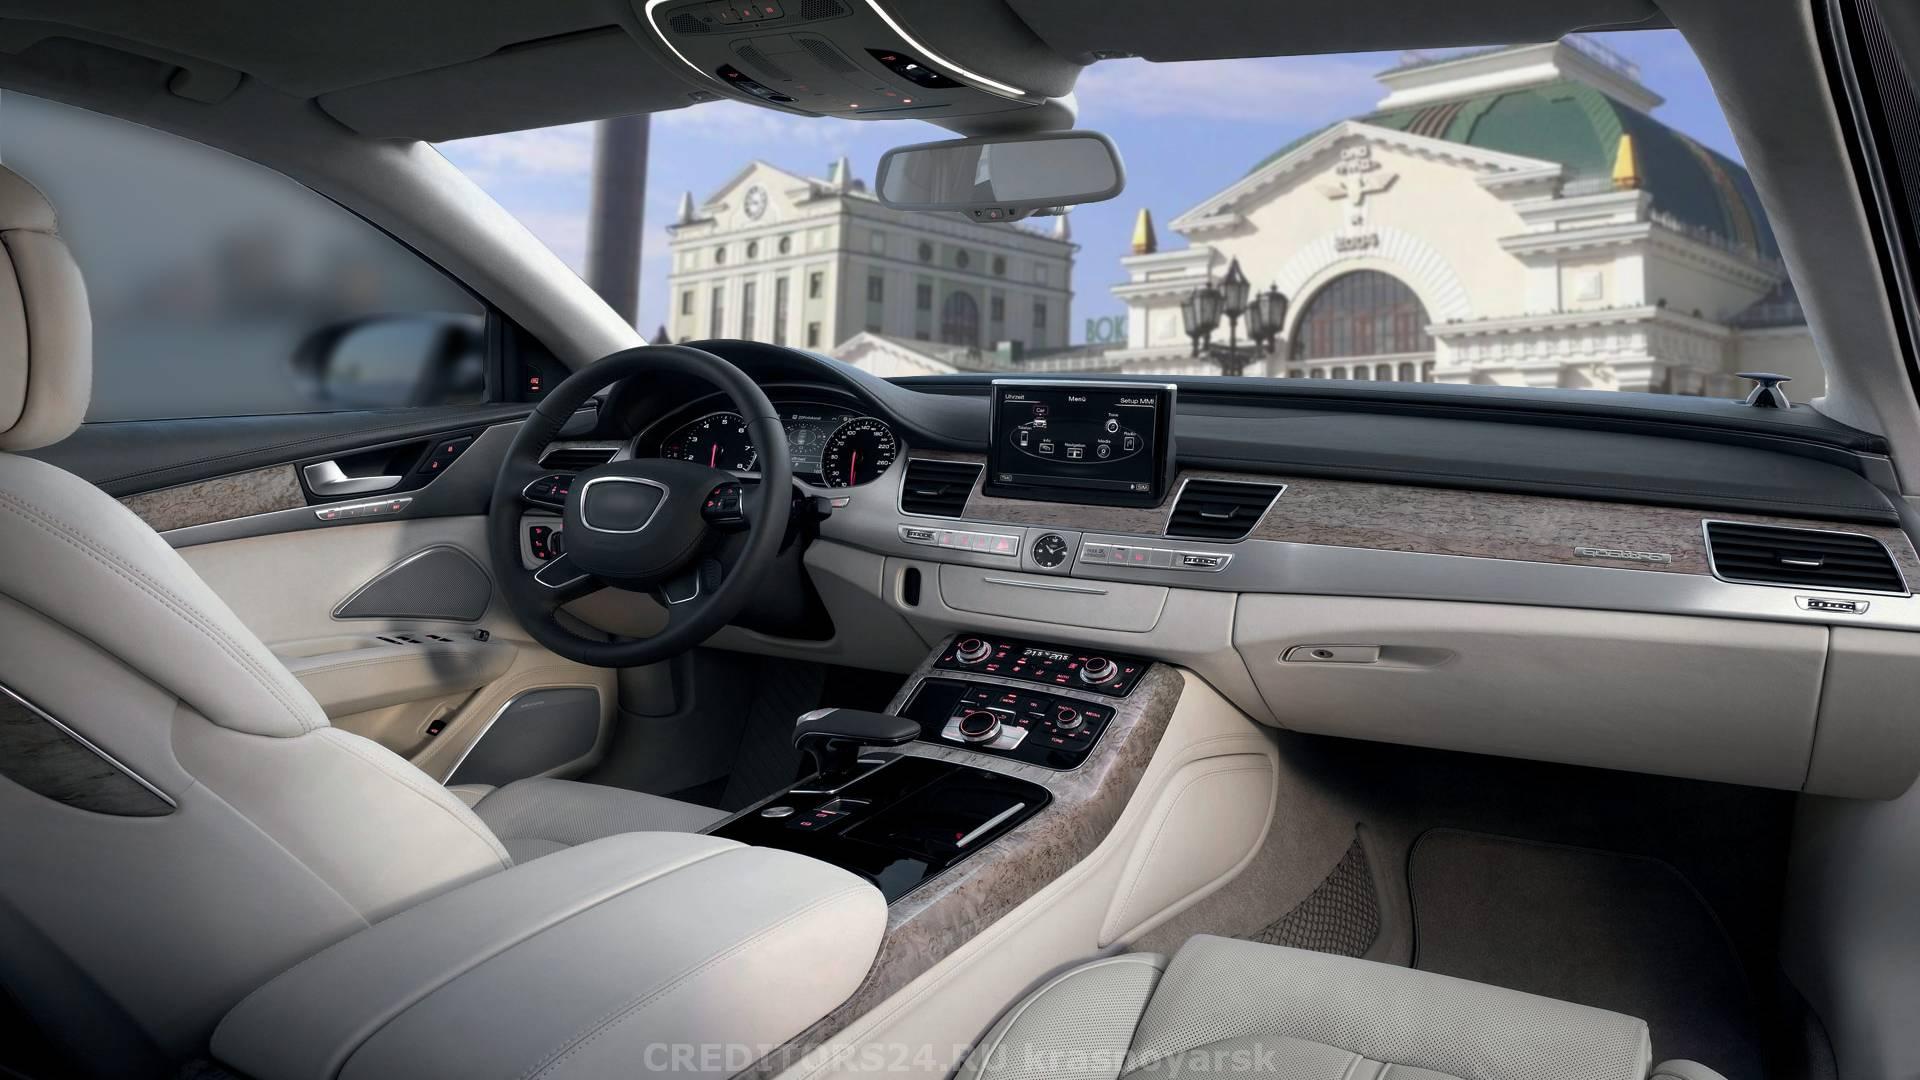 Залог автомобиль юридическое лицо деньги в залог в гомеле